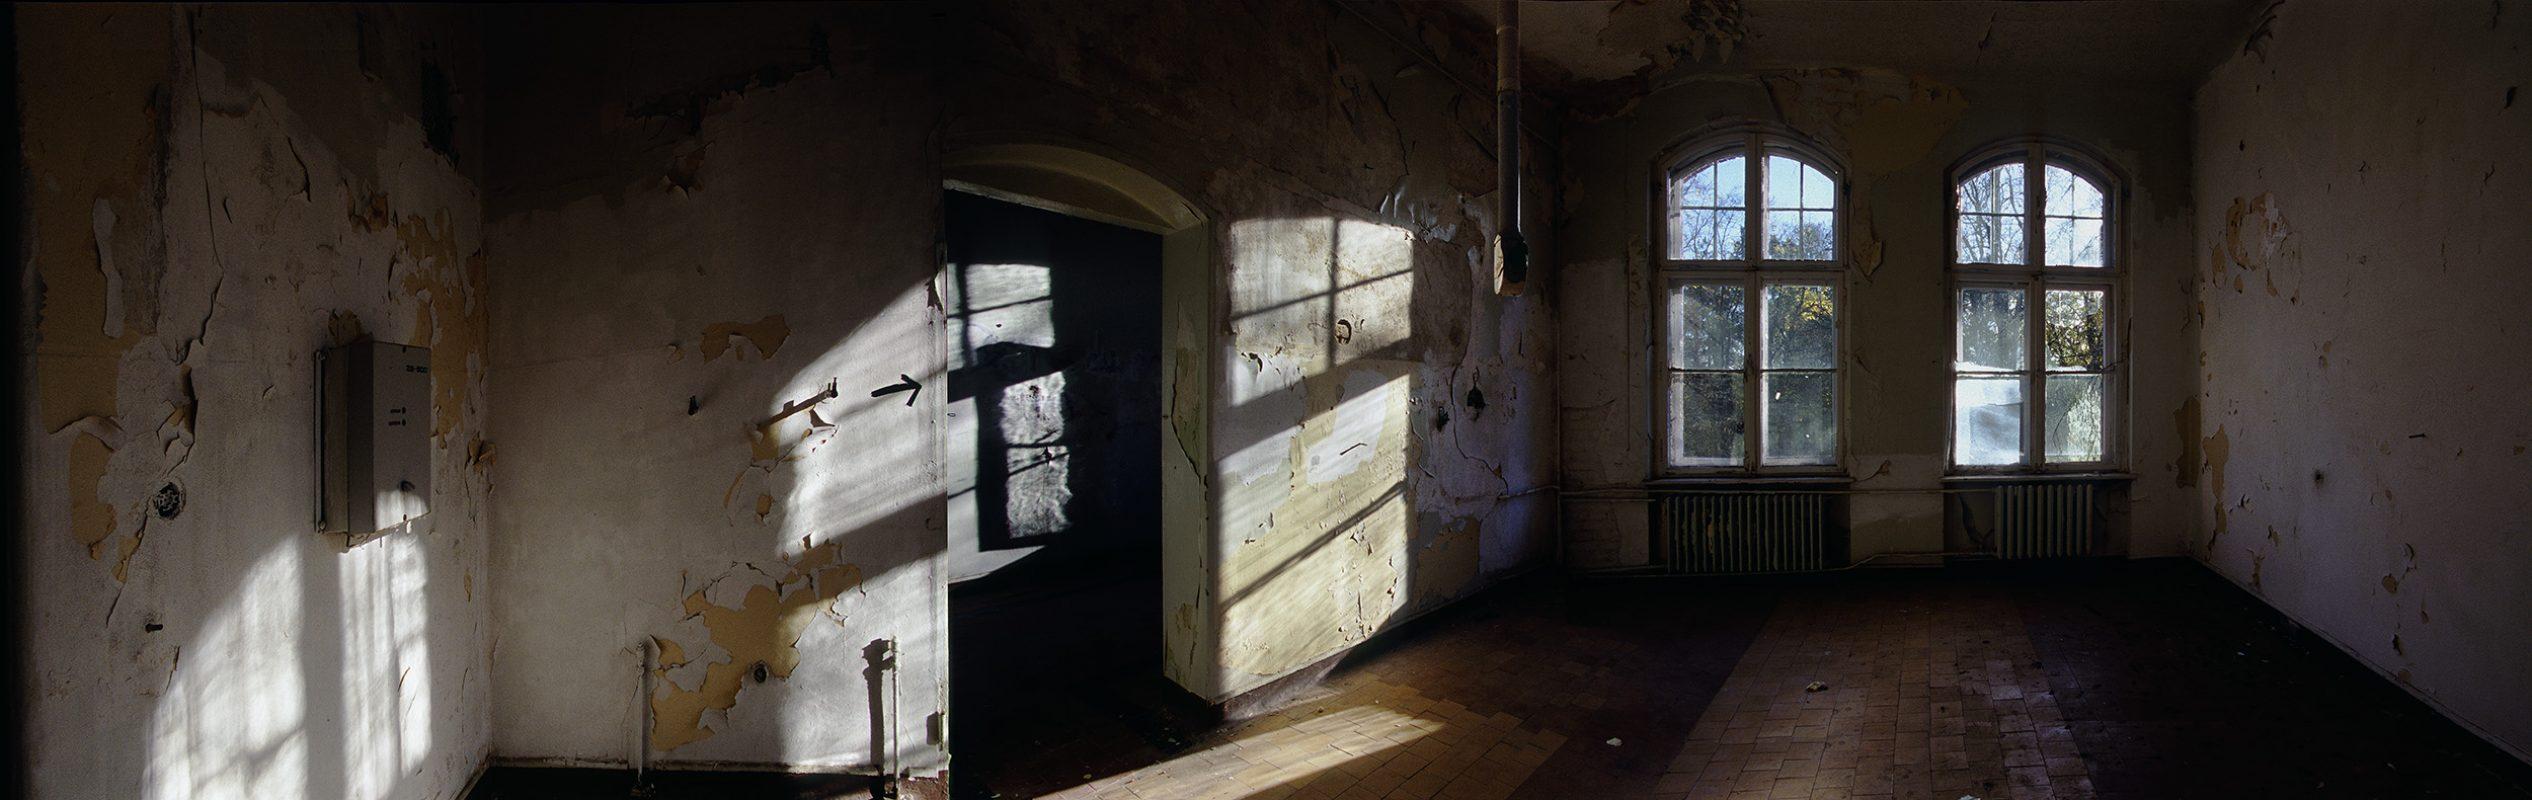 Beelitz-Heilstätten, weißer raum